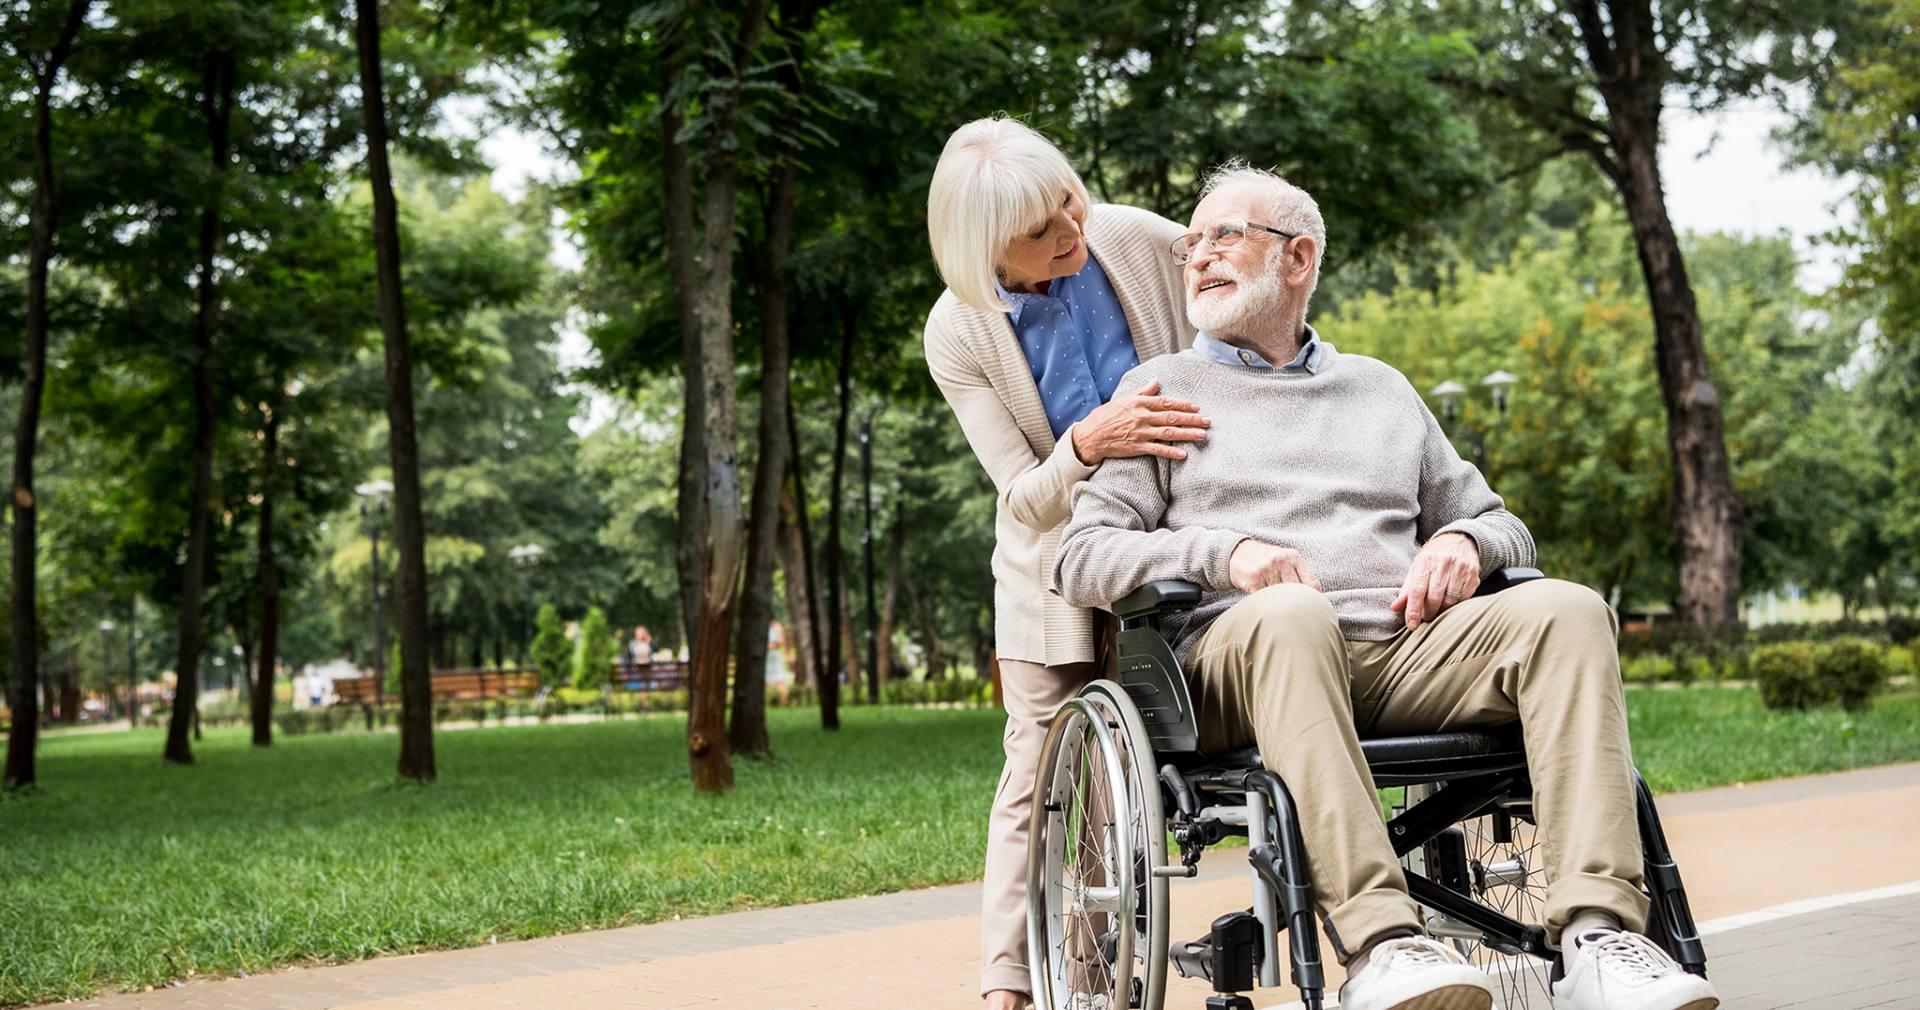 Starsza kobieta troszczy się o poruszającego się na wózku inwalidzkim mężczyznę